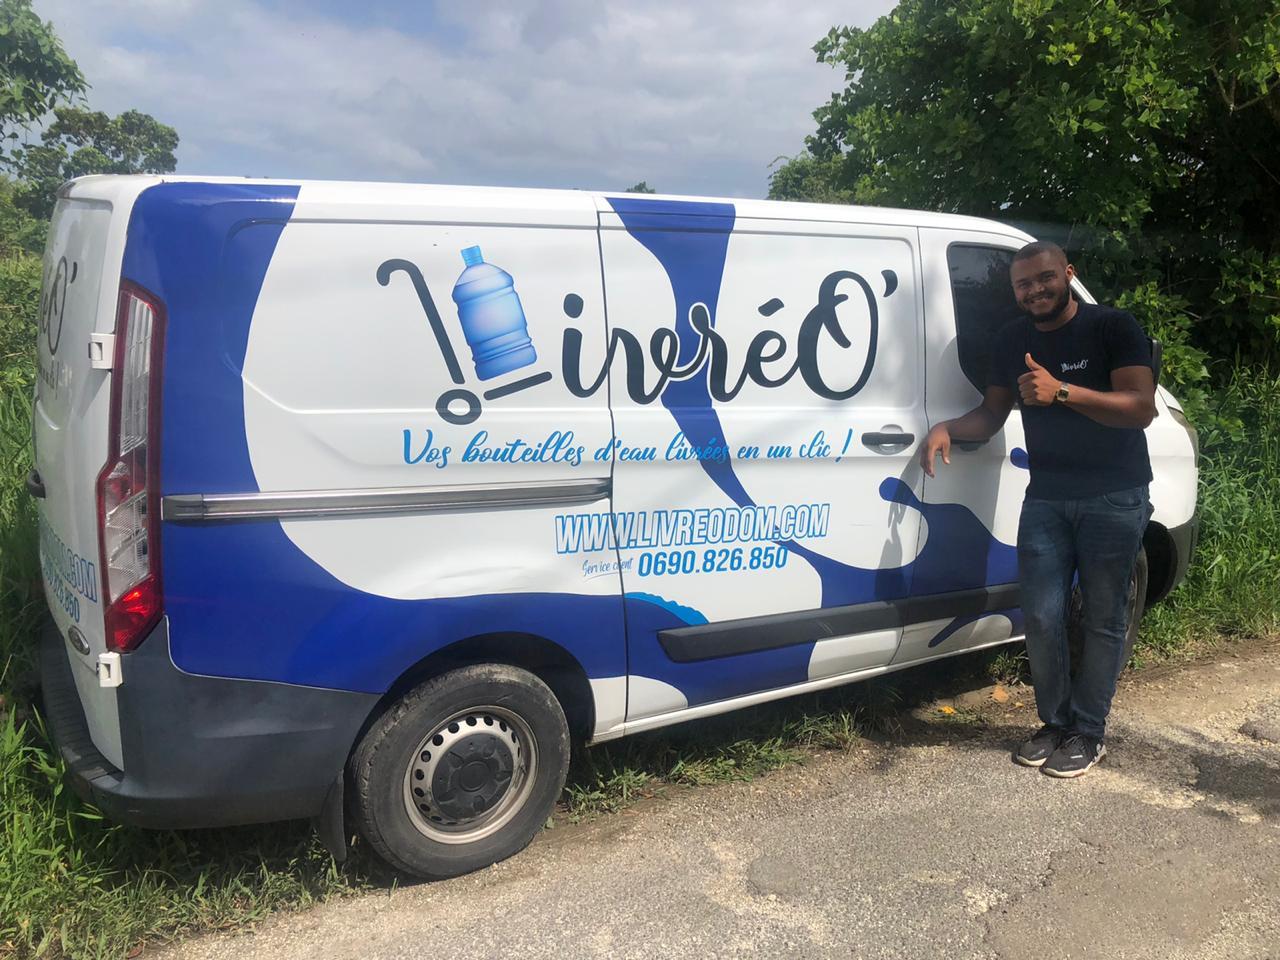 Un jeune Guadeloupéen lance un service de livraison de packs d'eau